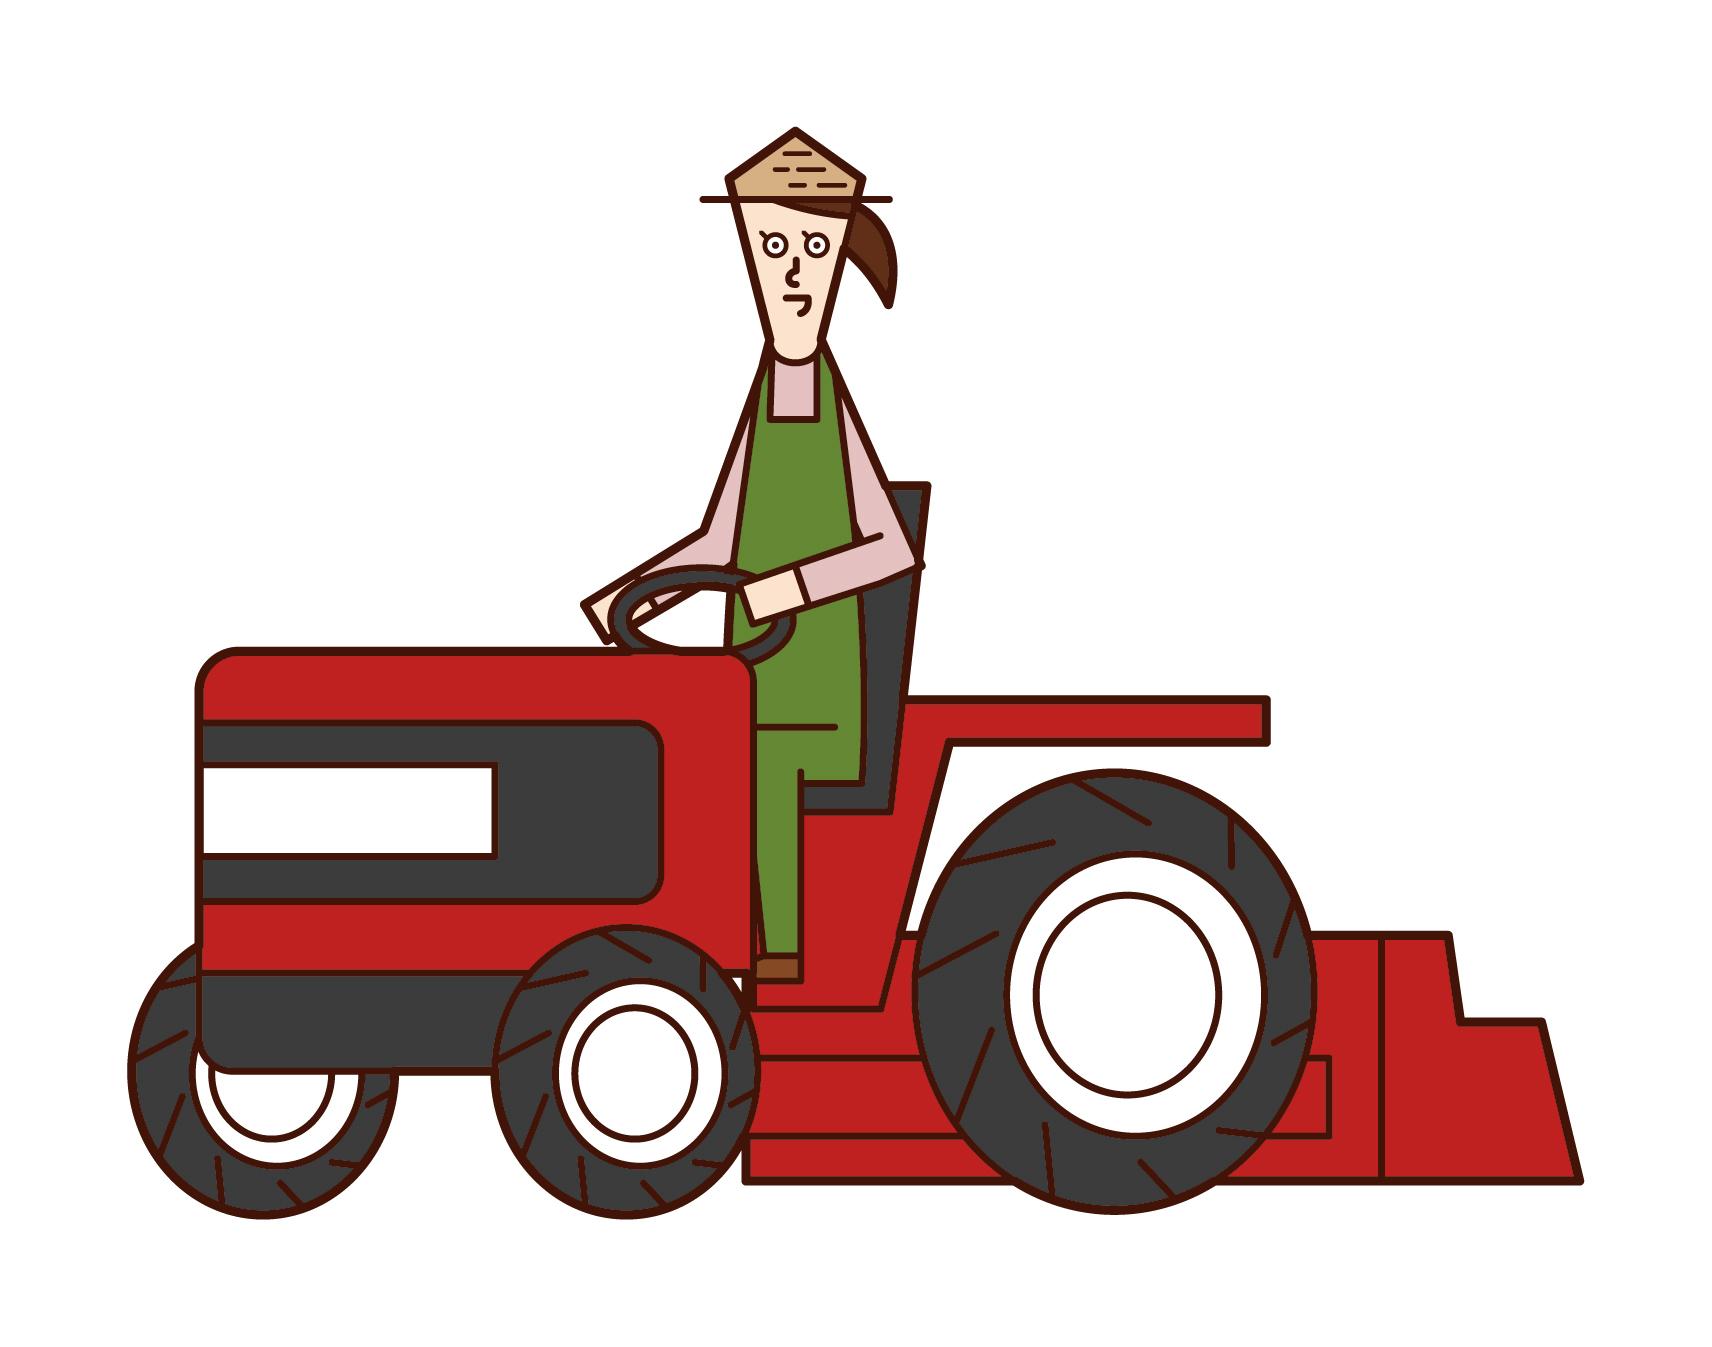 트랙터를 운전하는 사람 (여성)의 그림